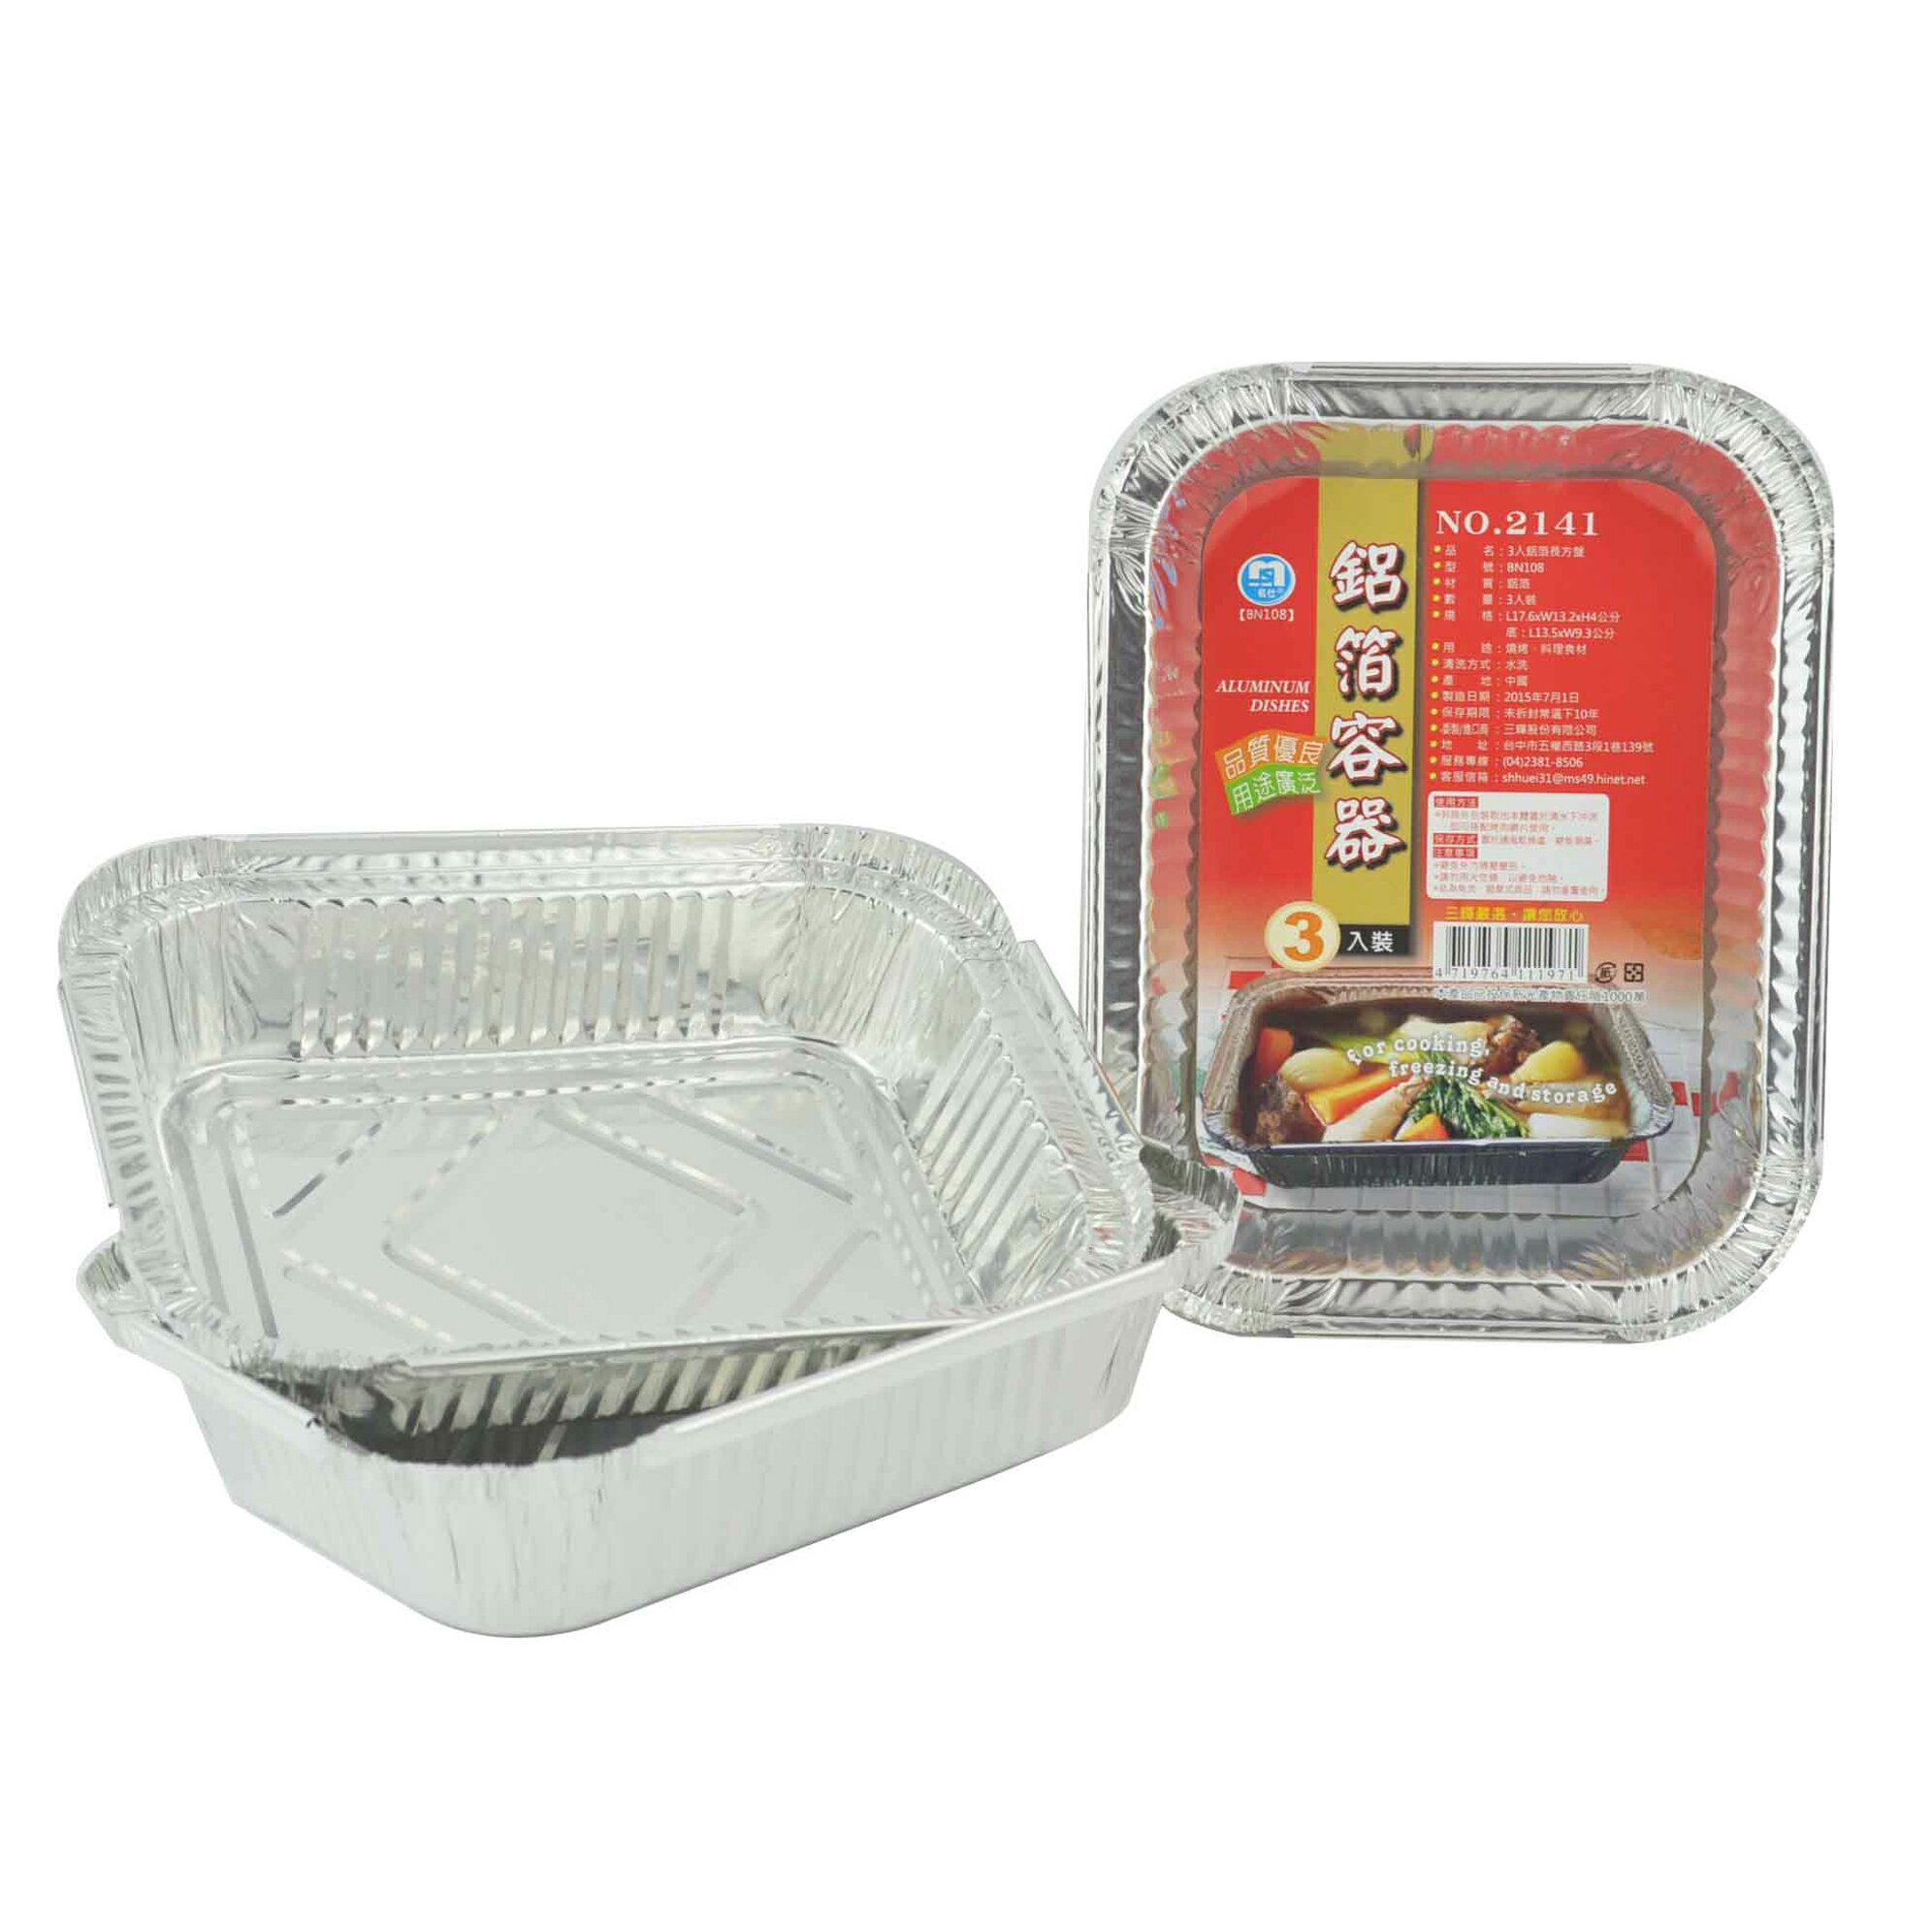 3入鋁箔長方盤NO.2141 鋁箔容器 免洗餐具 鋁盒 鋁箔盒 鋁箔碗 焗烤盒 烤肉鋁箔盒 錫紙盒 燒烤 烘焙盒 外帶打包盒